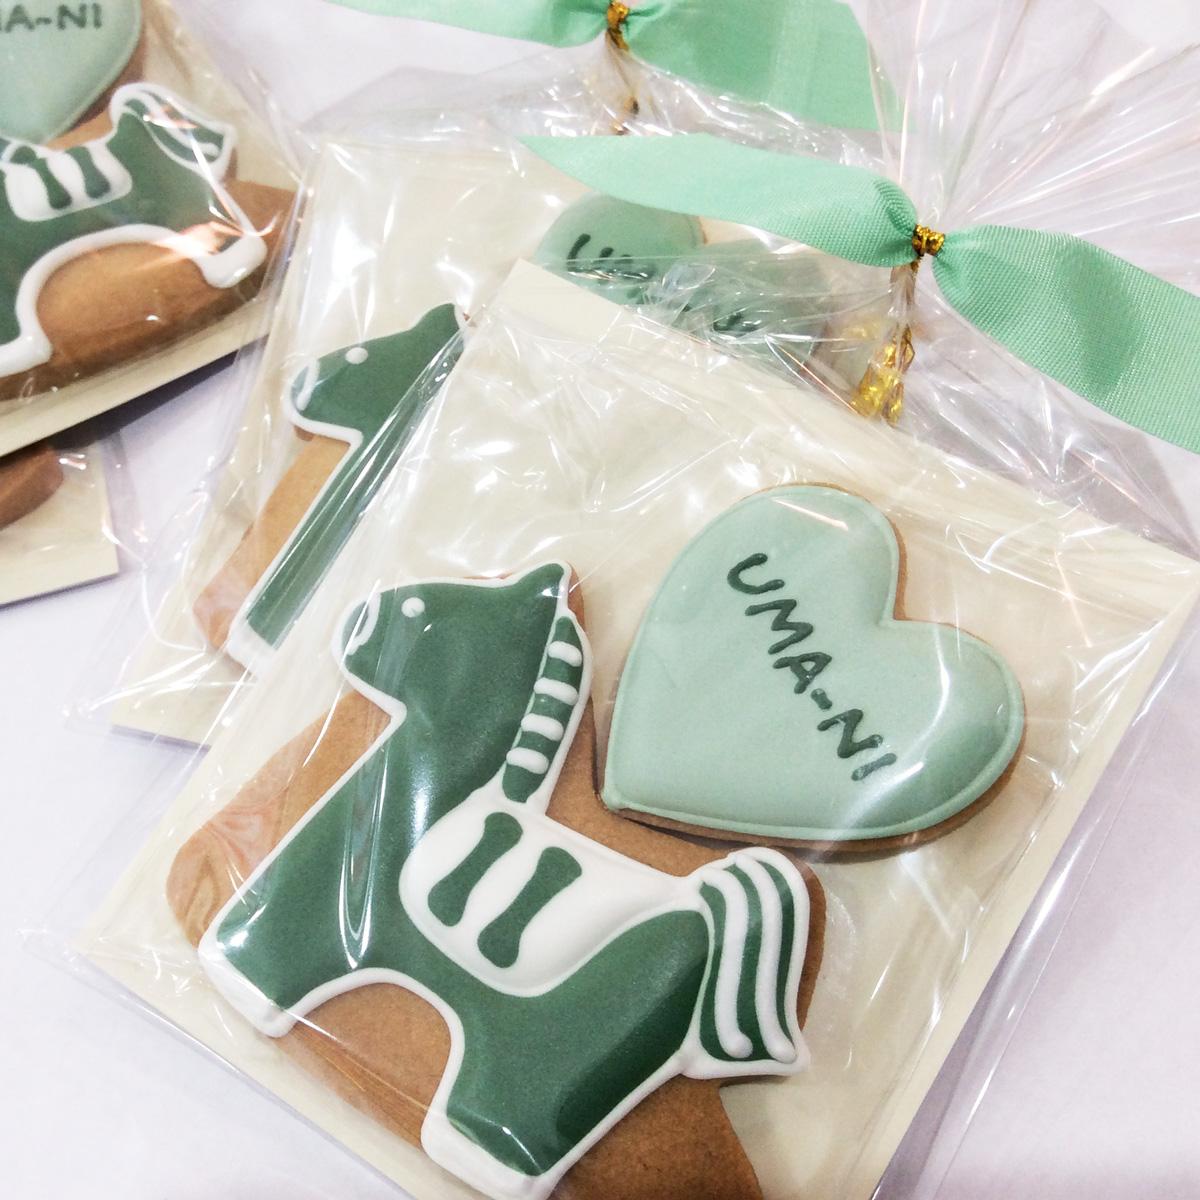 【Gallery】UMA-NI 卒園 謝恩会 記念クッキー